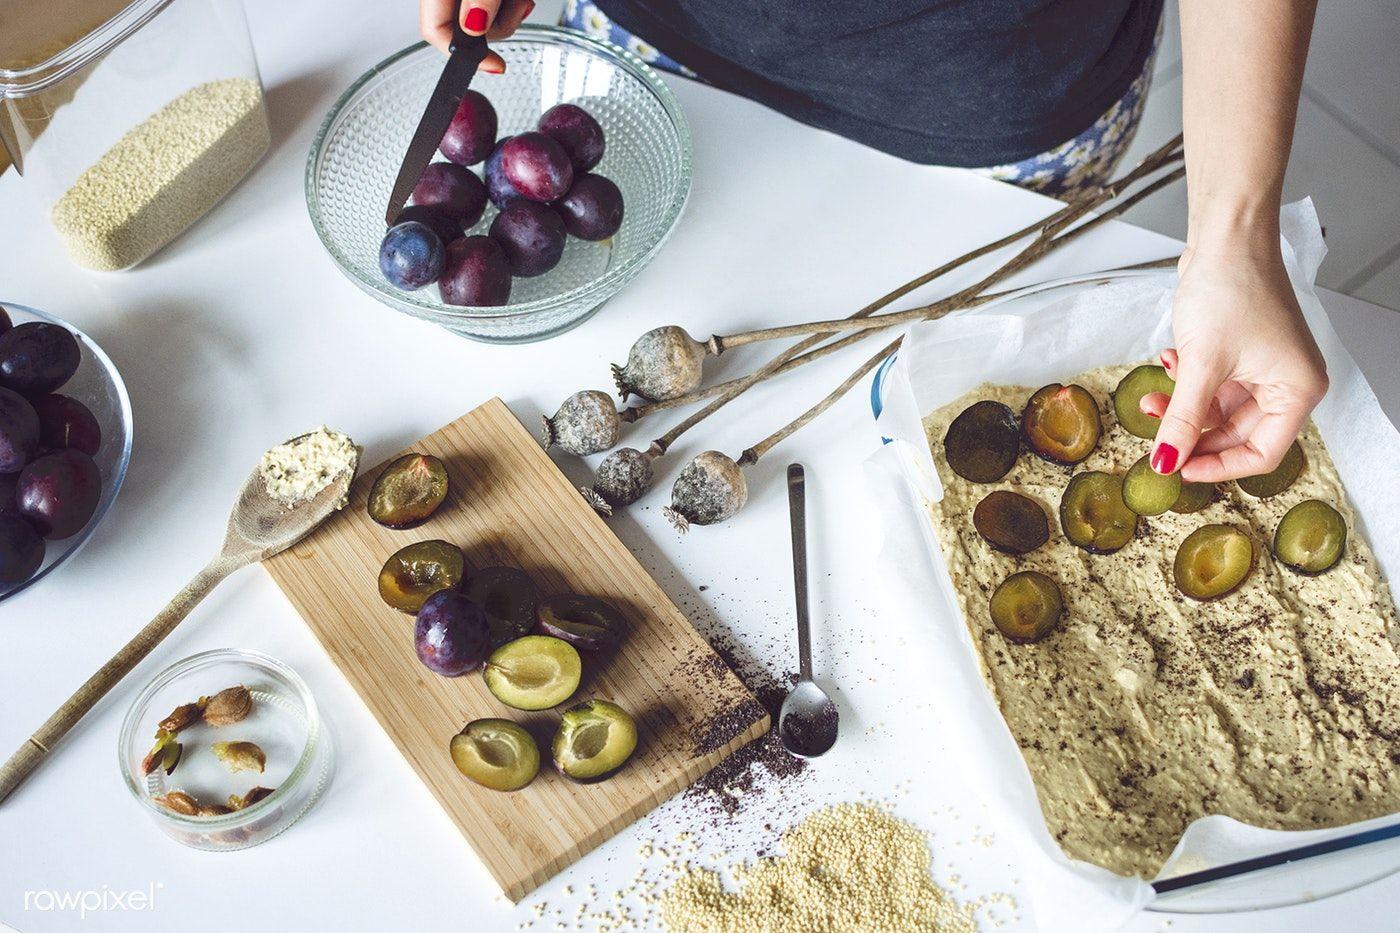 Baking Polish plum cake (Placek ze Sliwkami) free image